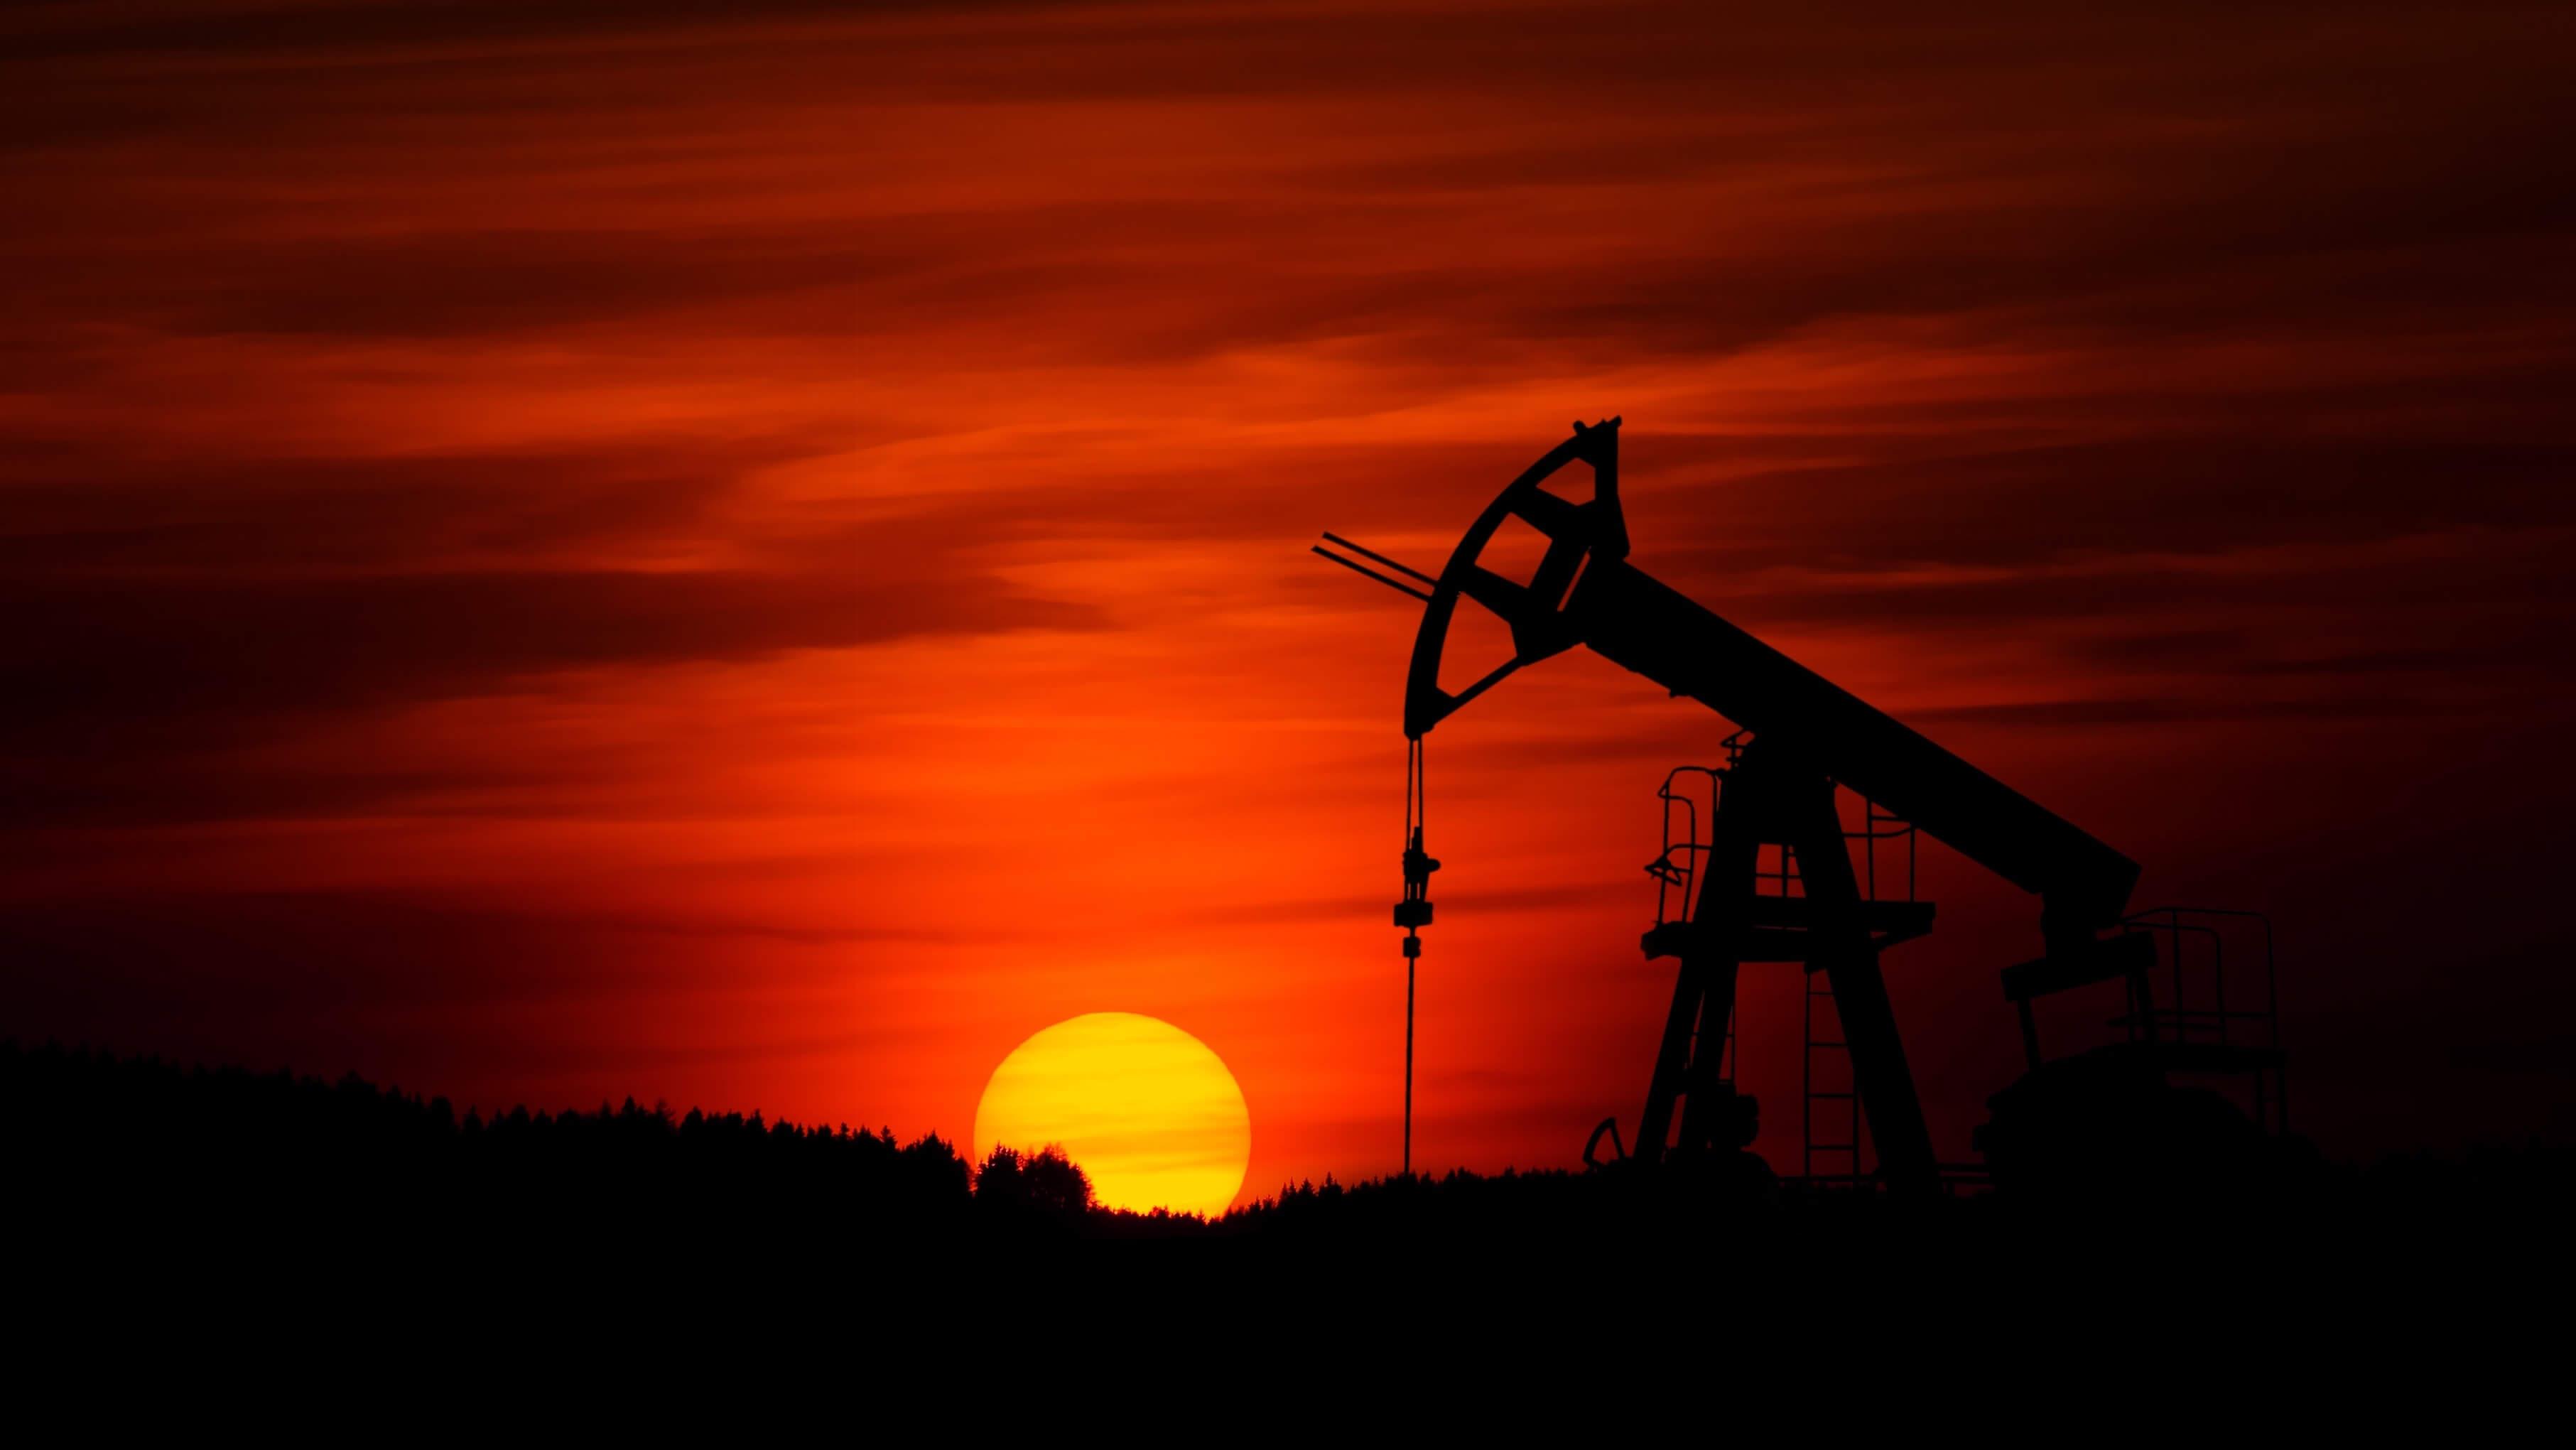 нефтяная вышка на закате brent wti